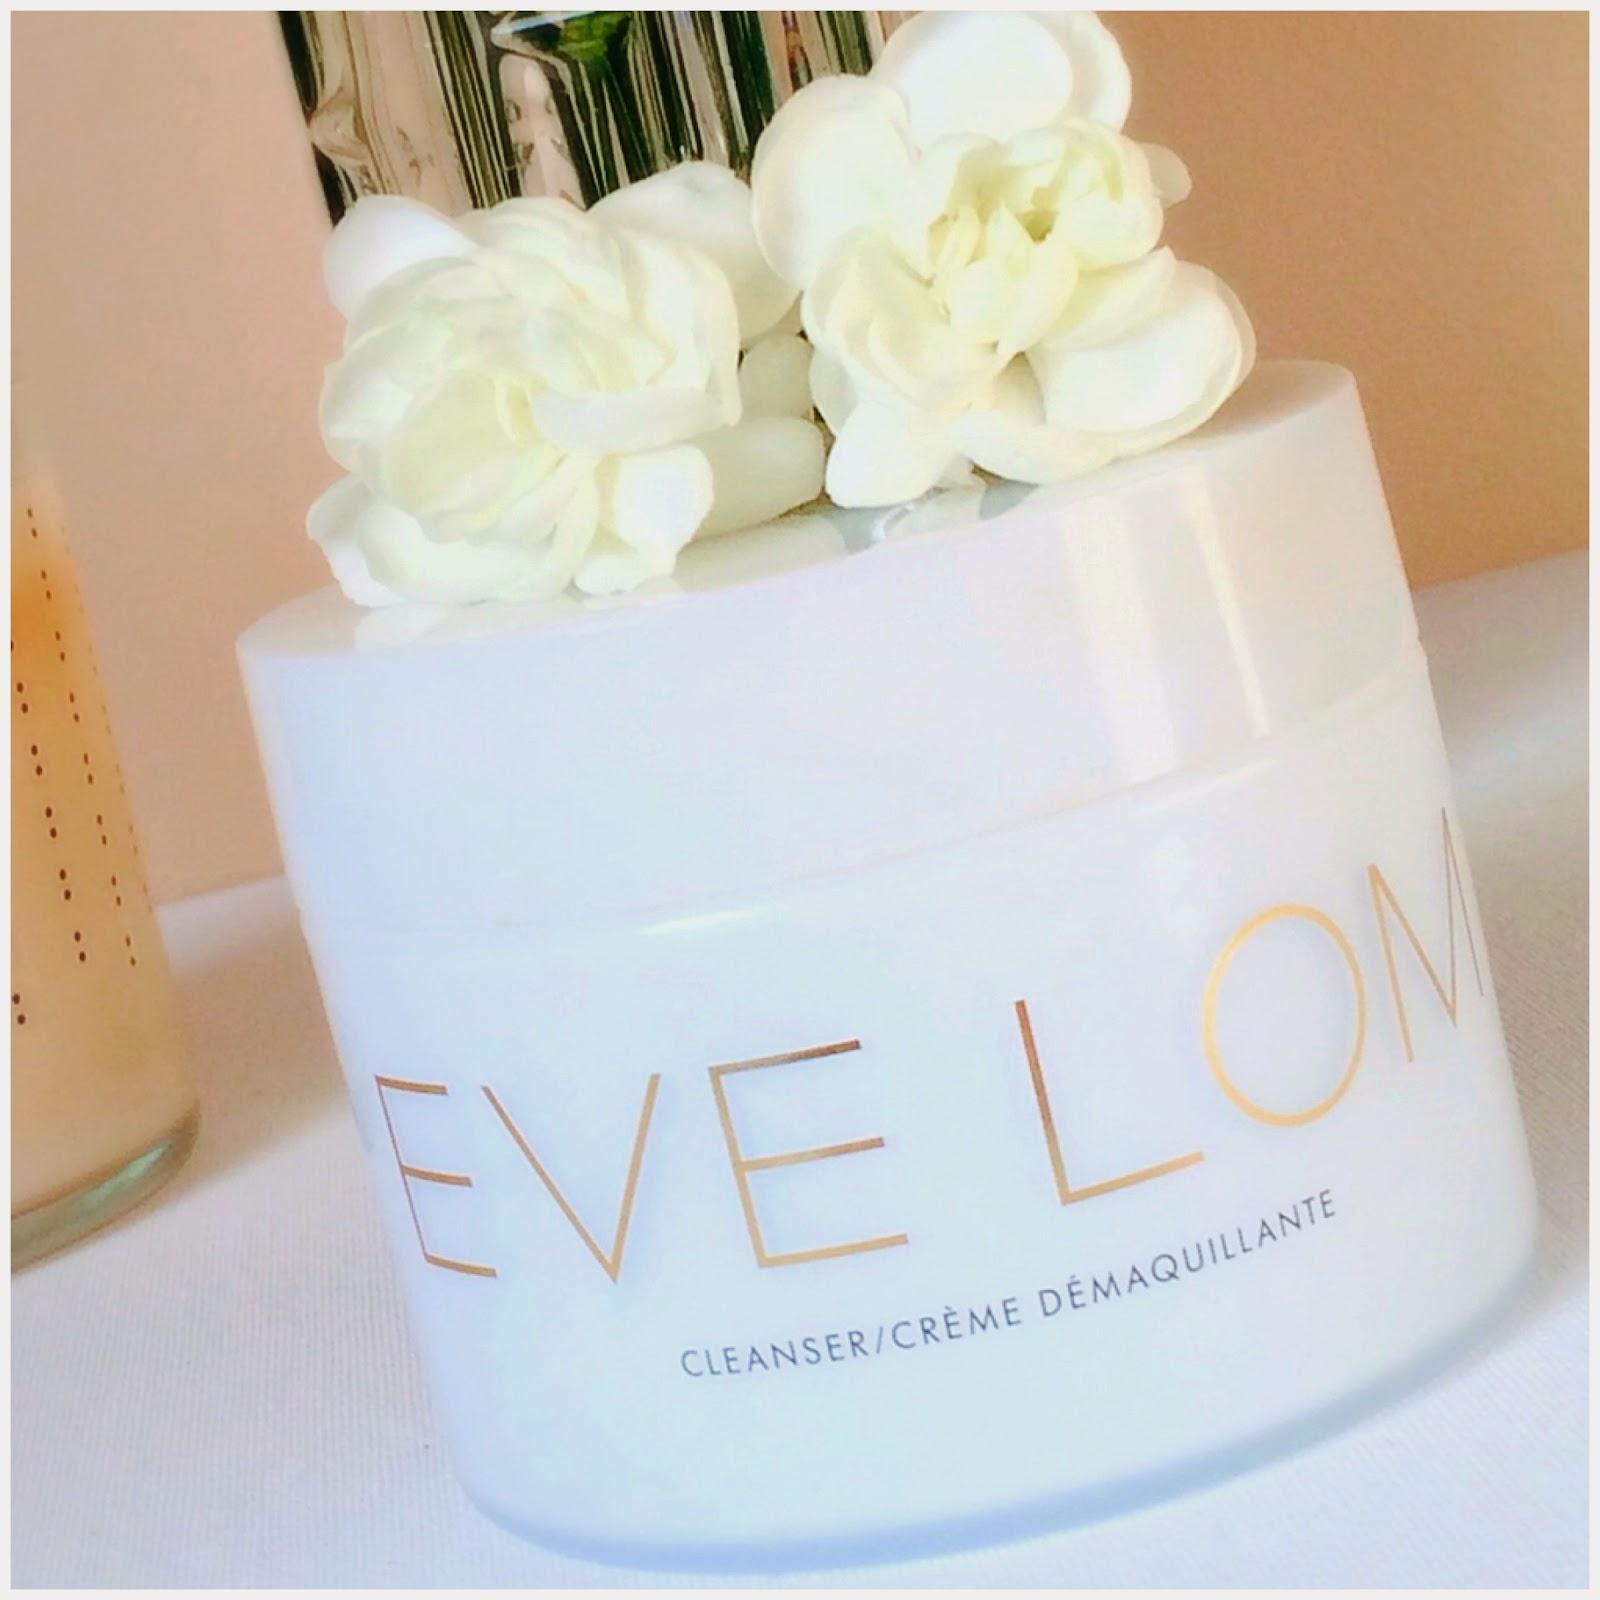 Eve Lom Cleanser - livingandbeauty.com